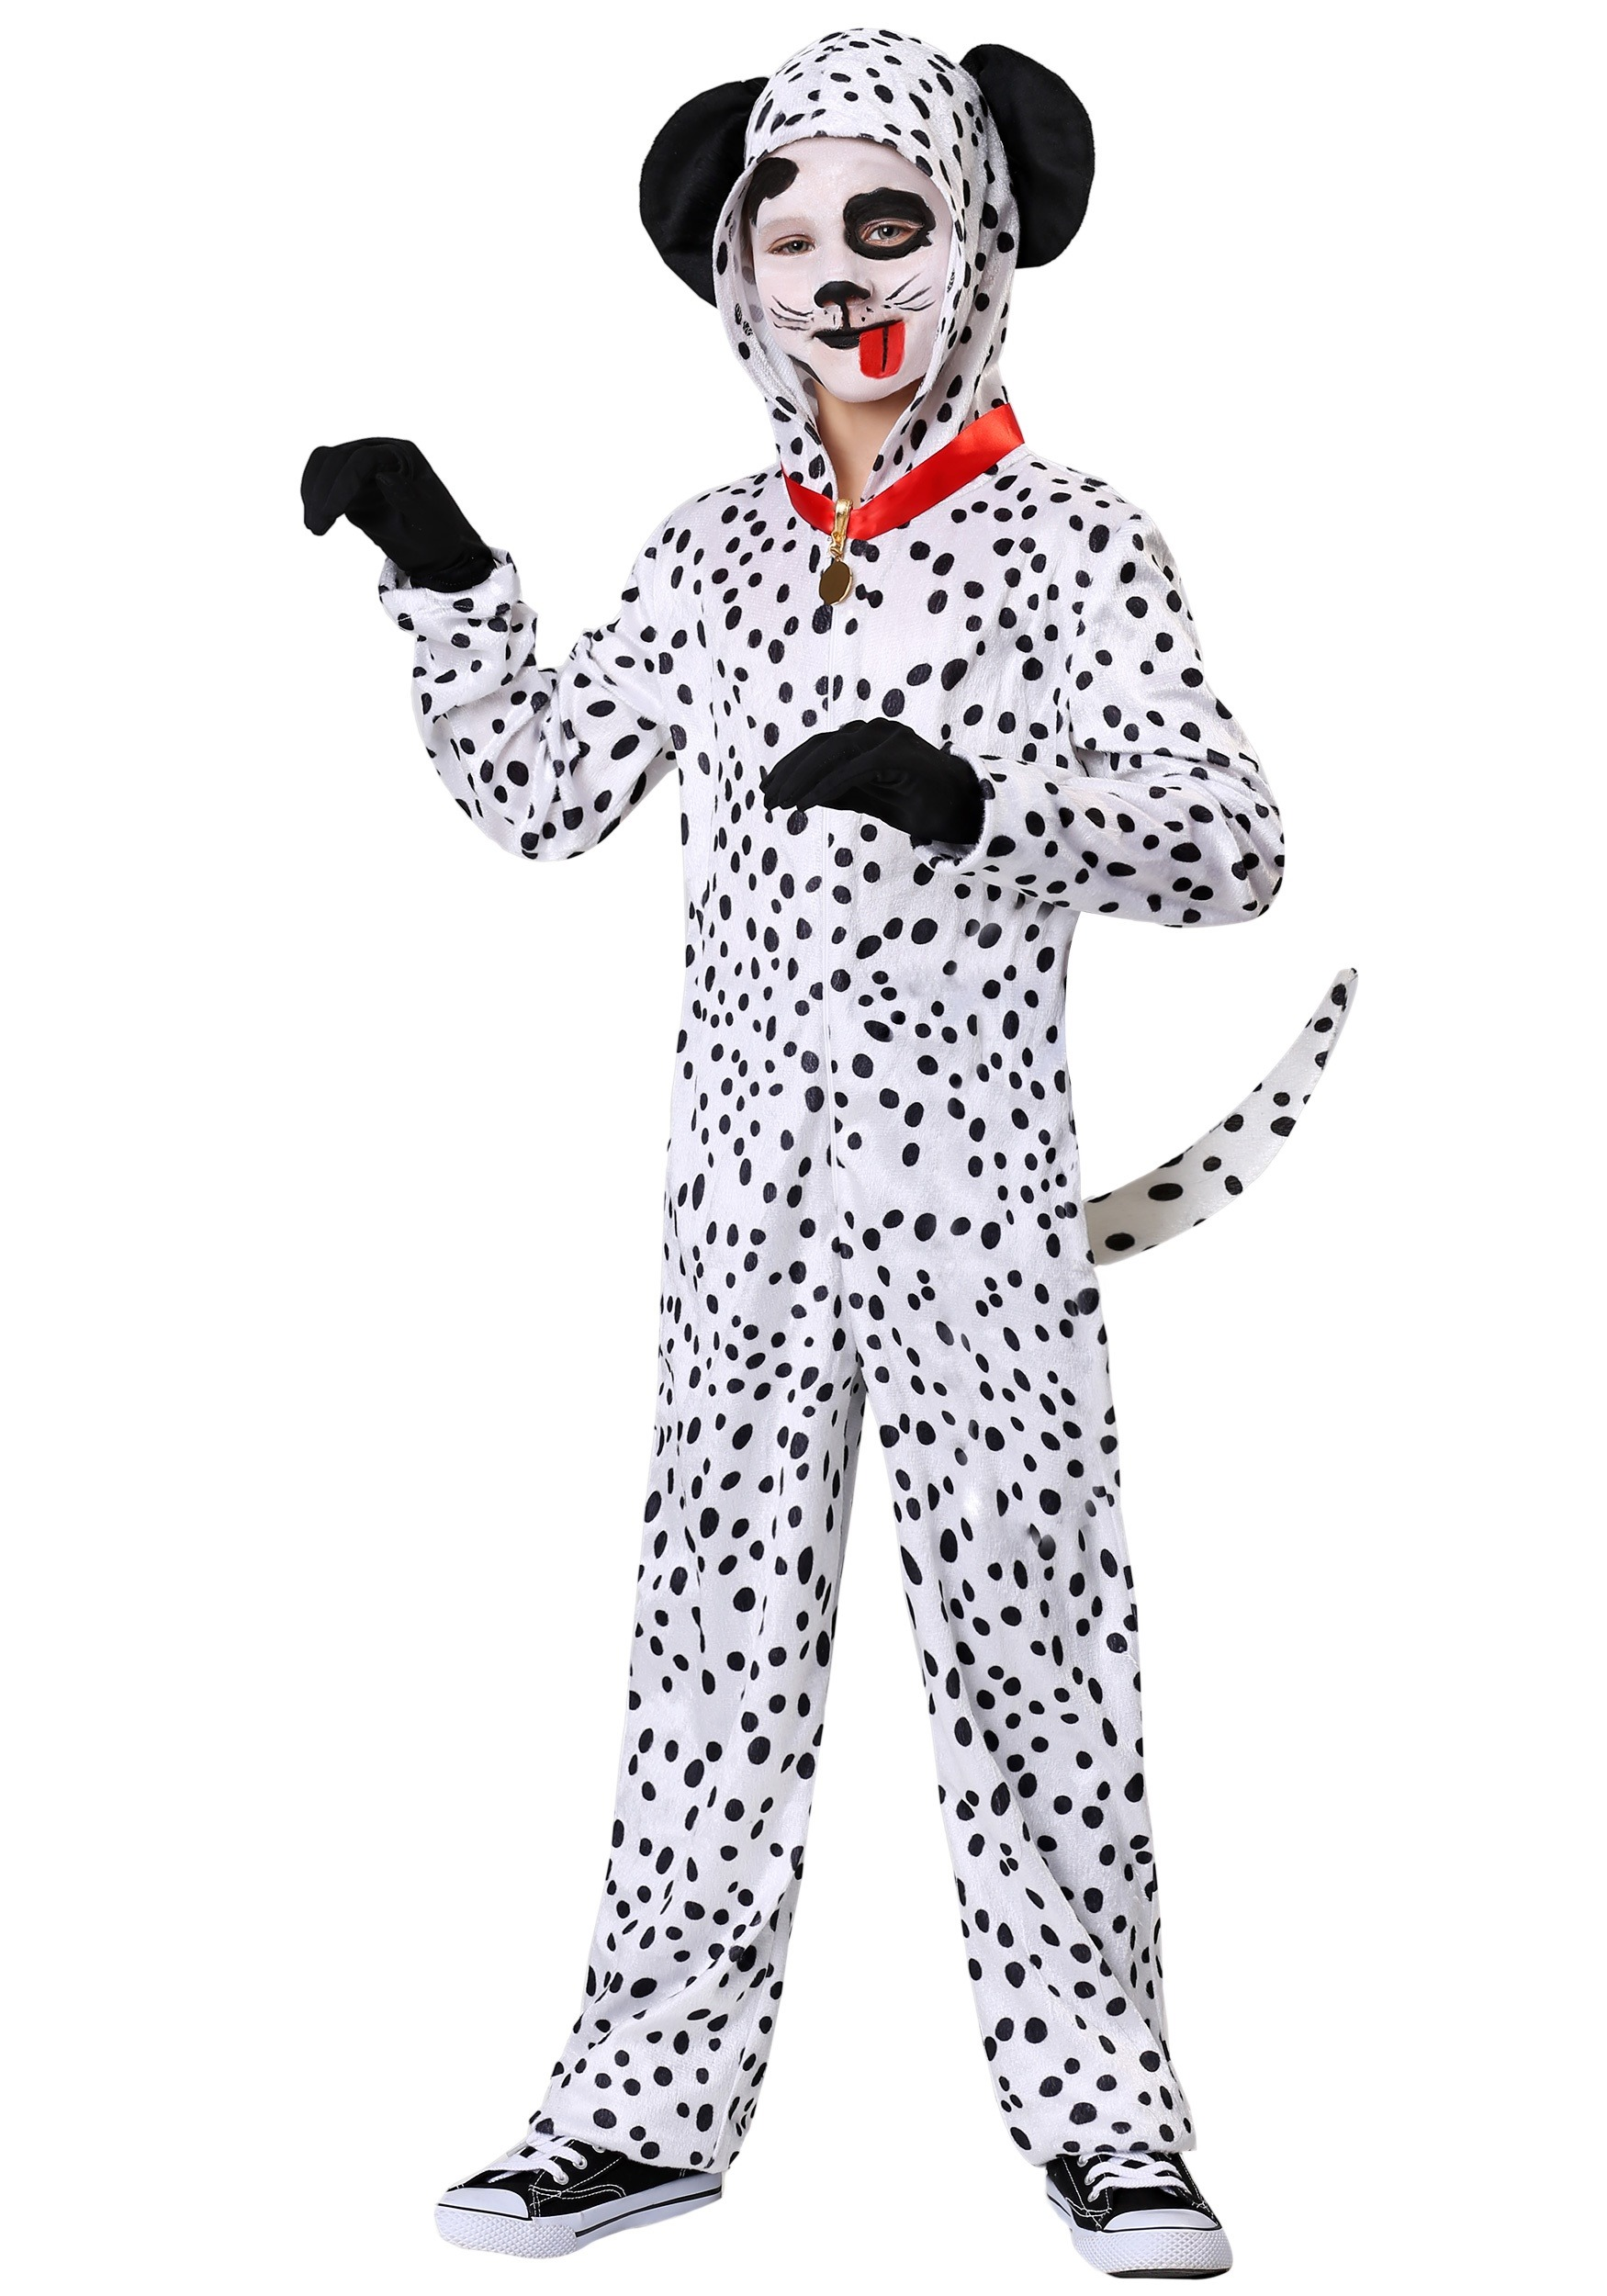 Child Delightful Dalmatian Costume  sc 1 st  Halloween Costumes AU & Delightful Dalmatian Child Costume